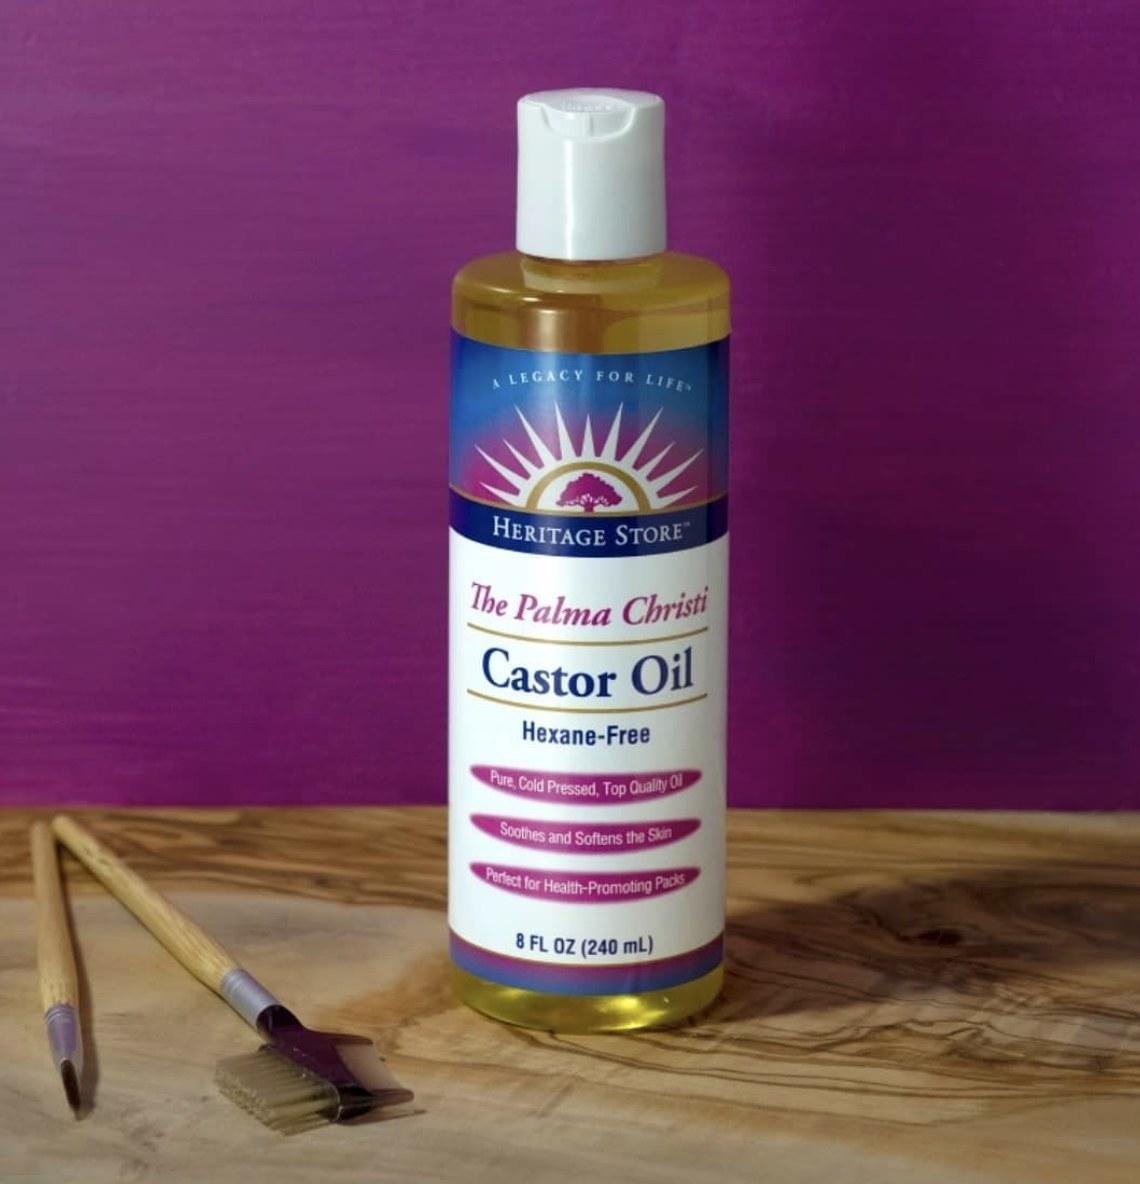 The castor oil